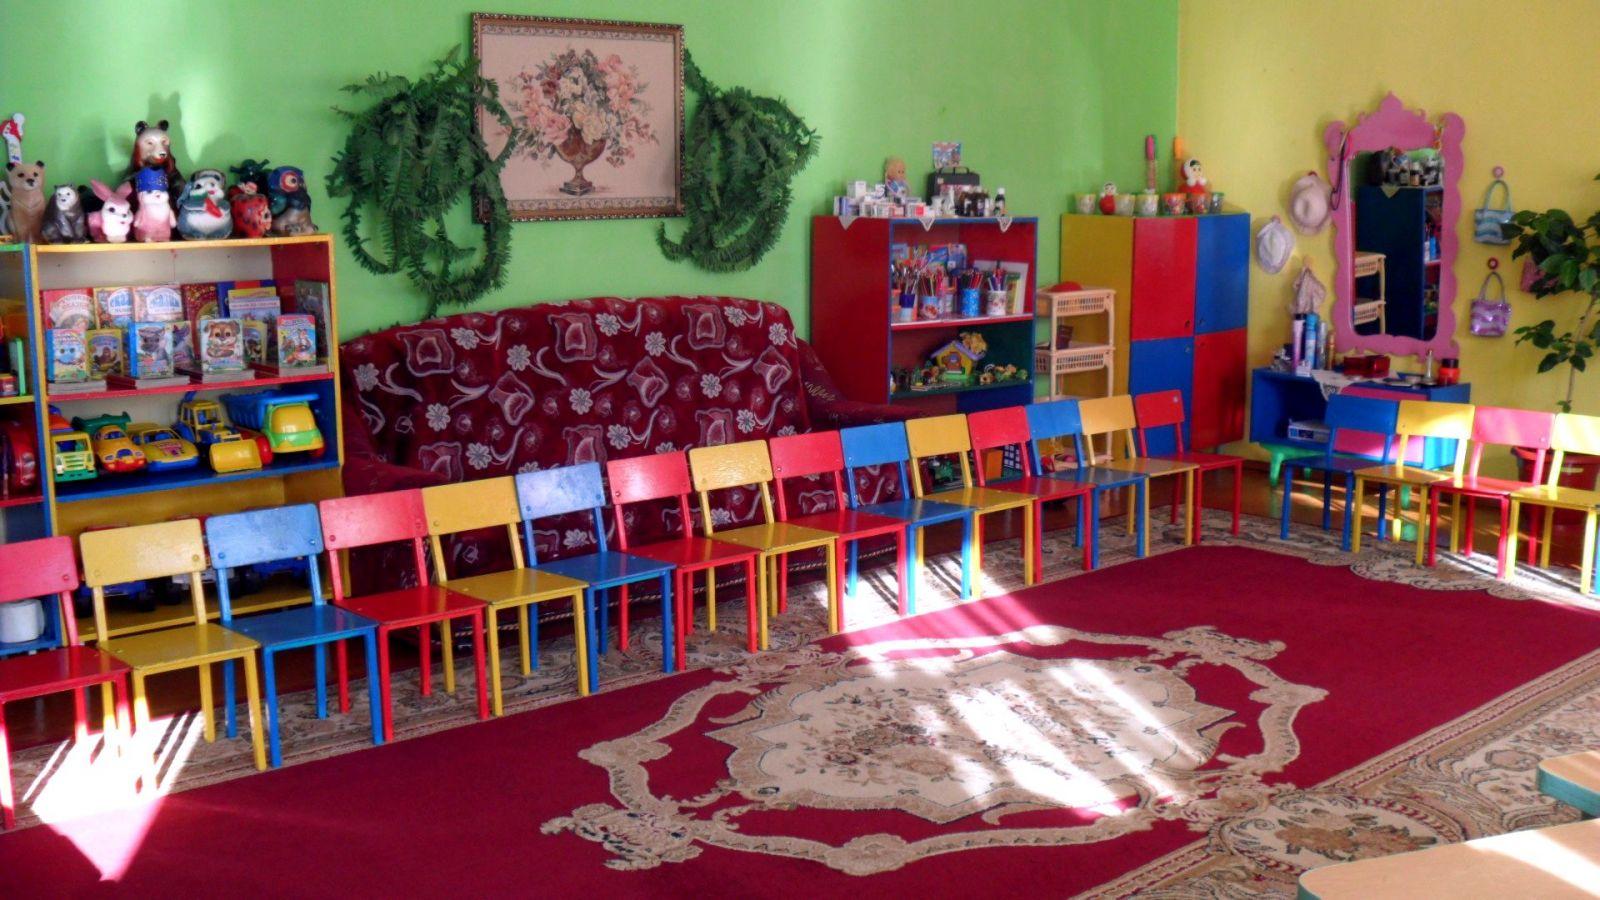 Интерьер игровой комнаты в детском саду - дизайнерини.